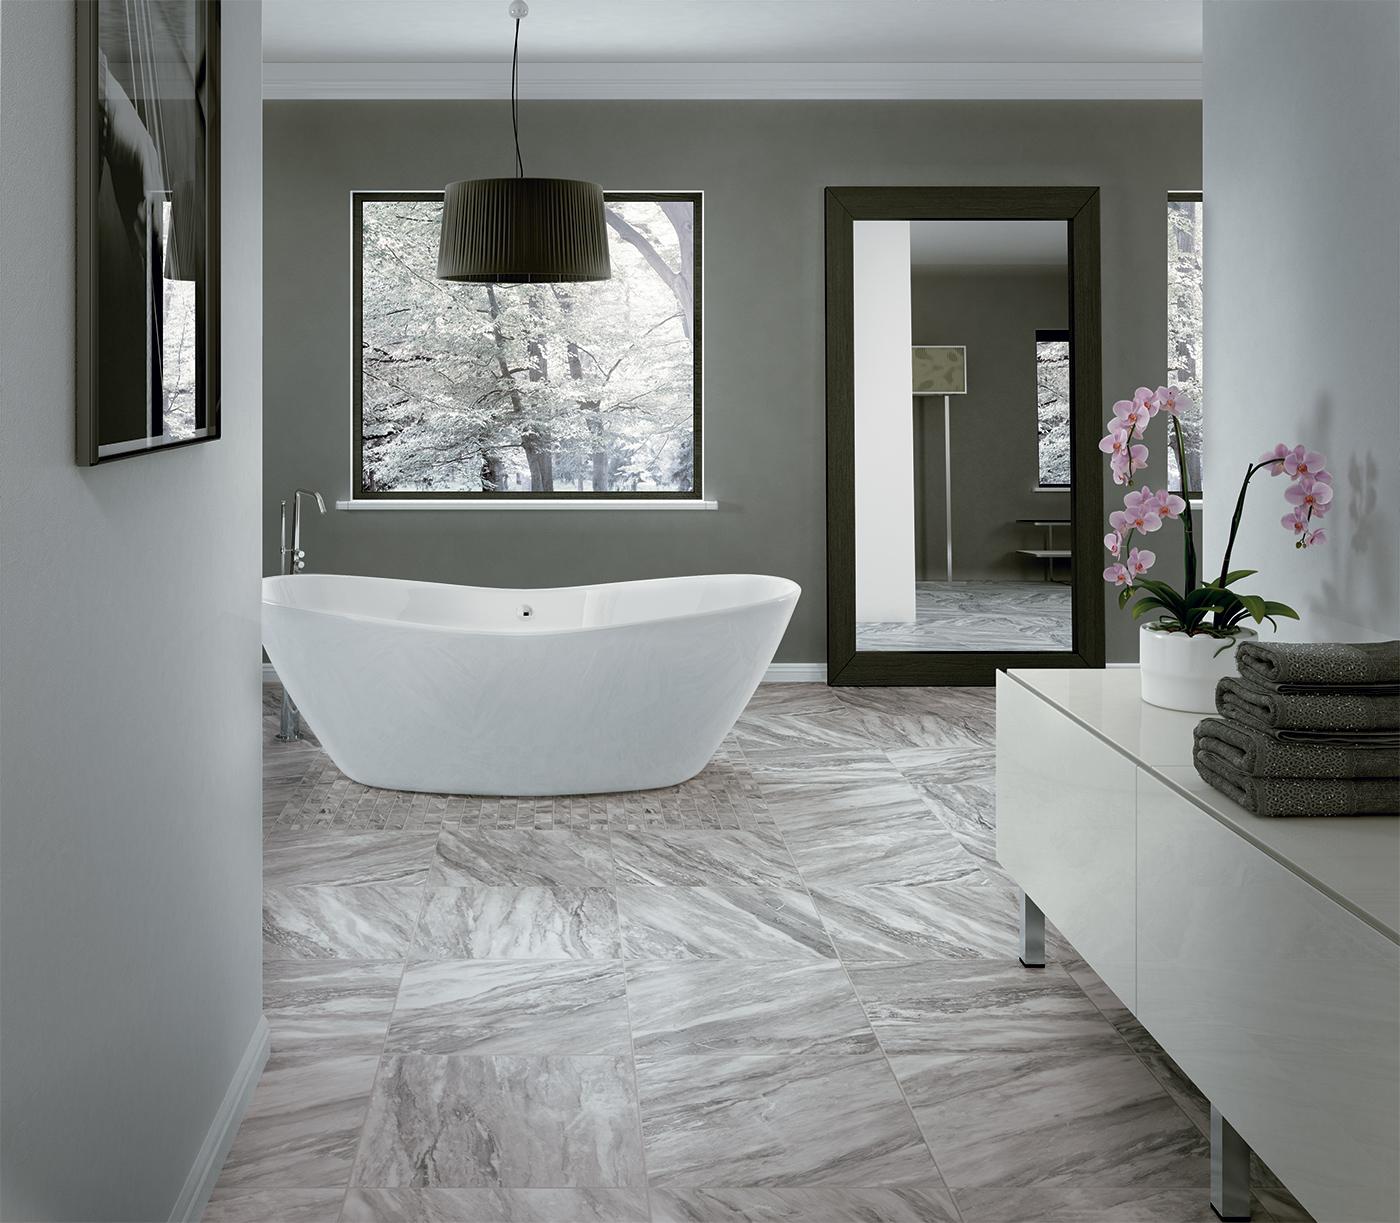 Mobili da bagno usati campania - Bagno in marmo bianco ...